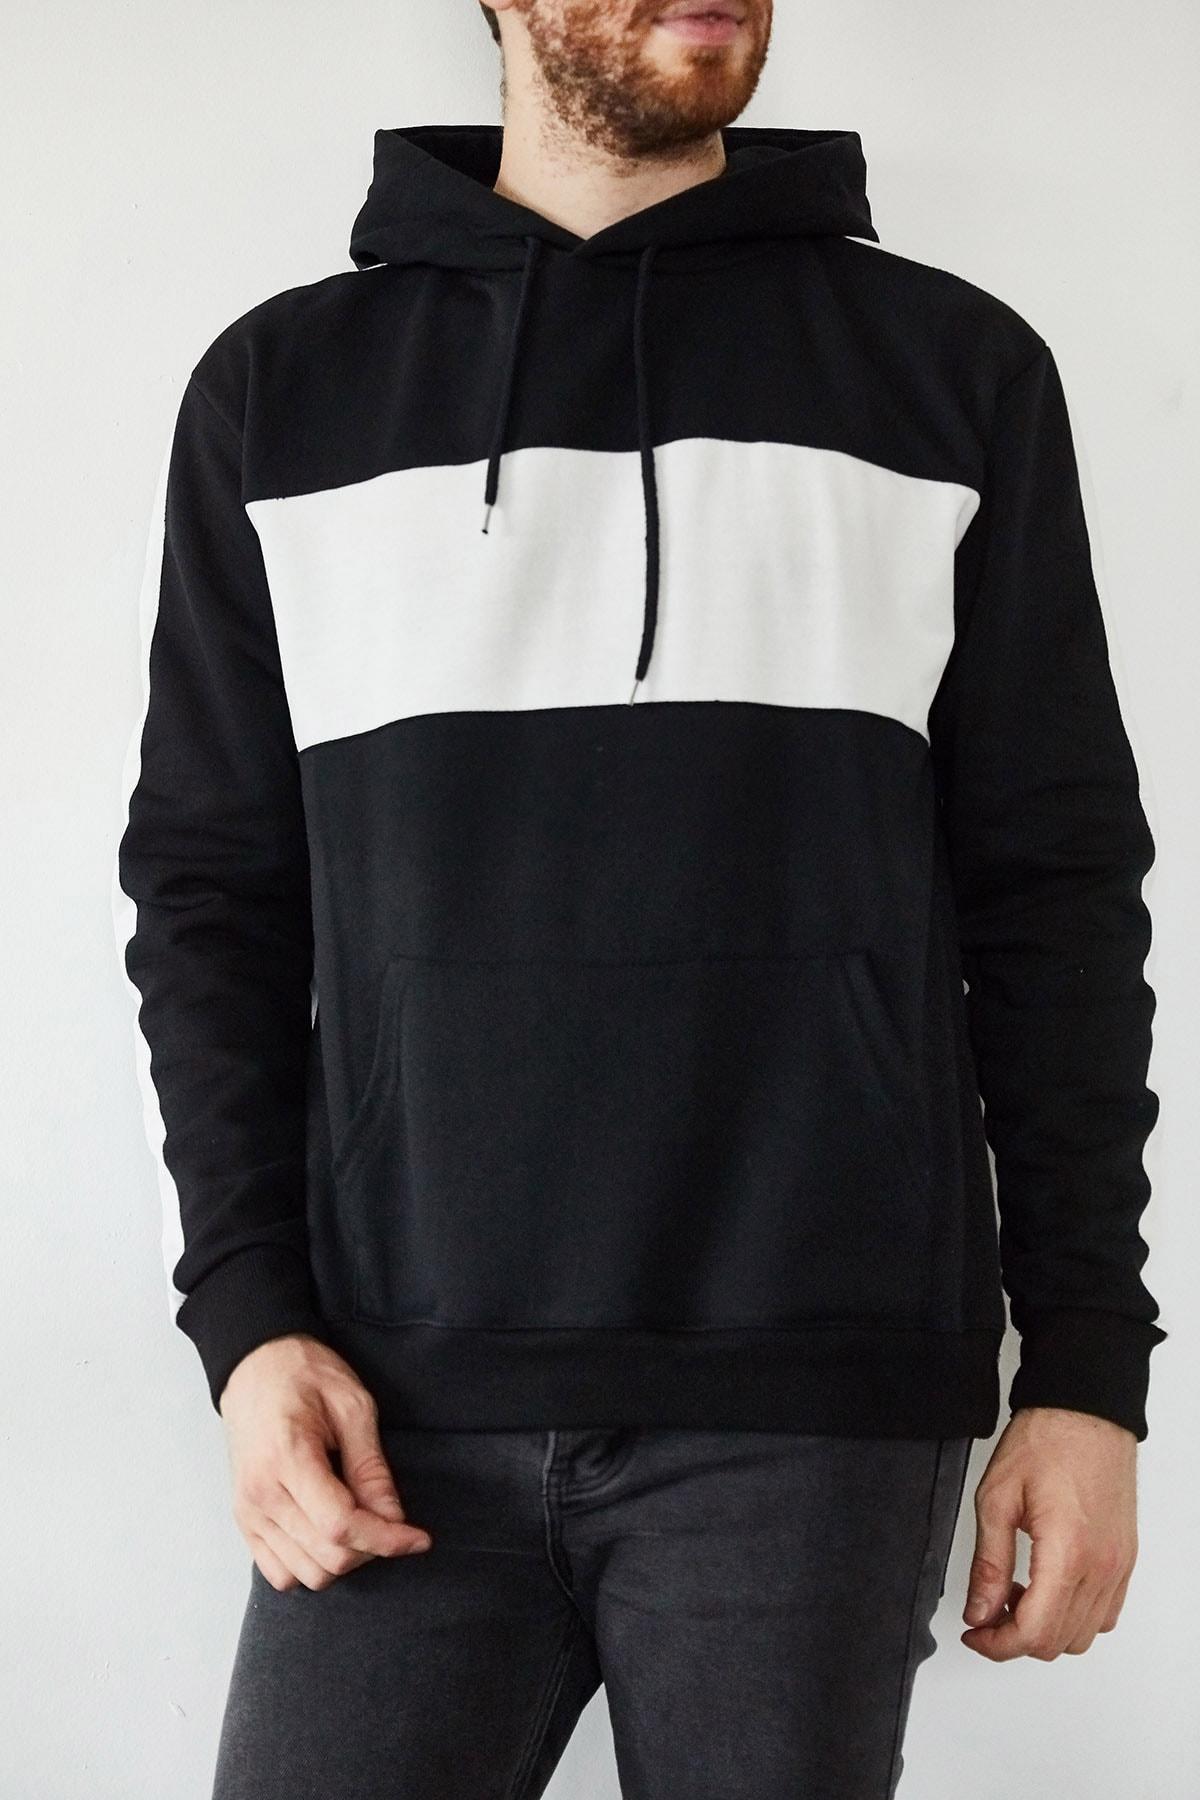 XHAN Erkek Siyah Beyaz Blok Detaylı Kapüşonlu Sweatshirt 1kxe8-44169-02 2